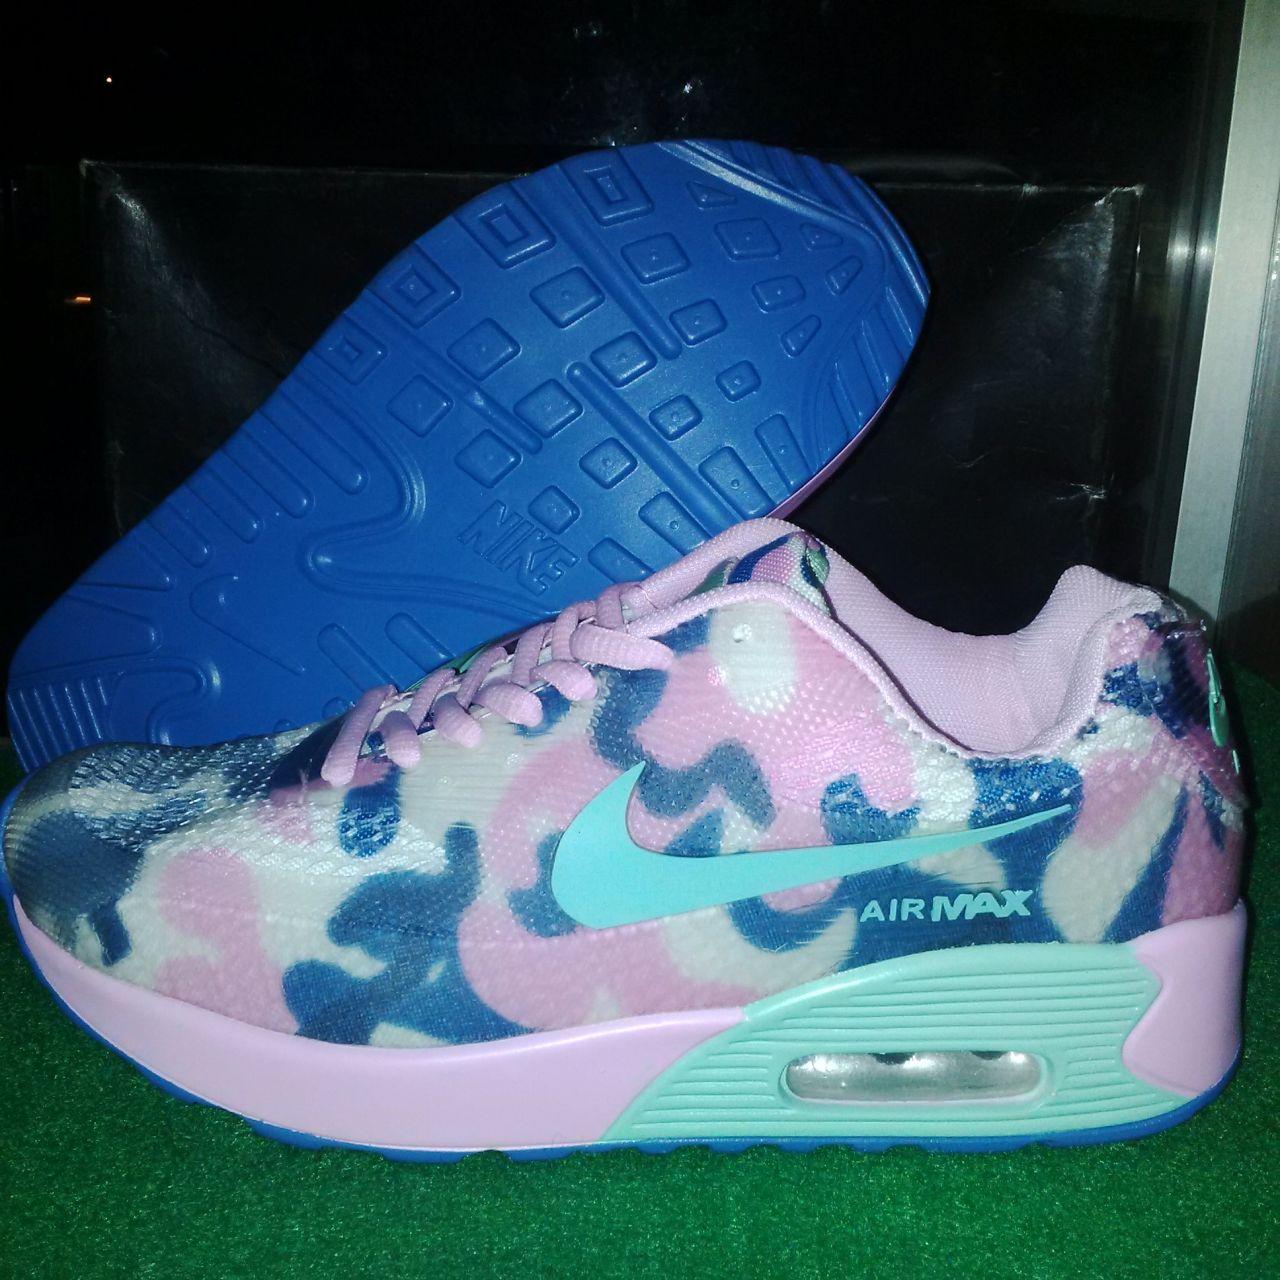 Jual Sepatu Nike Air Max Premium 90 Women Army - Lelono Sport ... 0ad00c9233